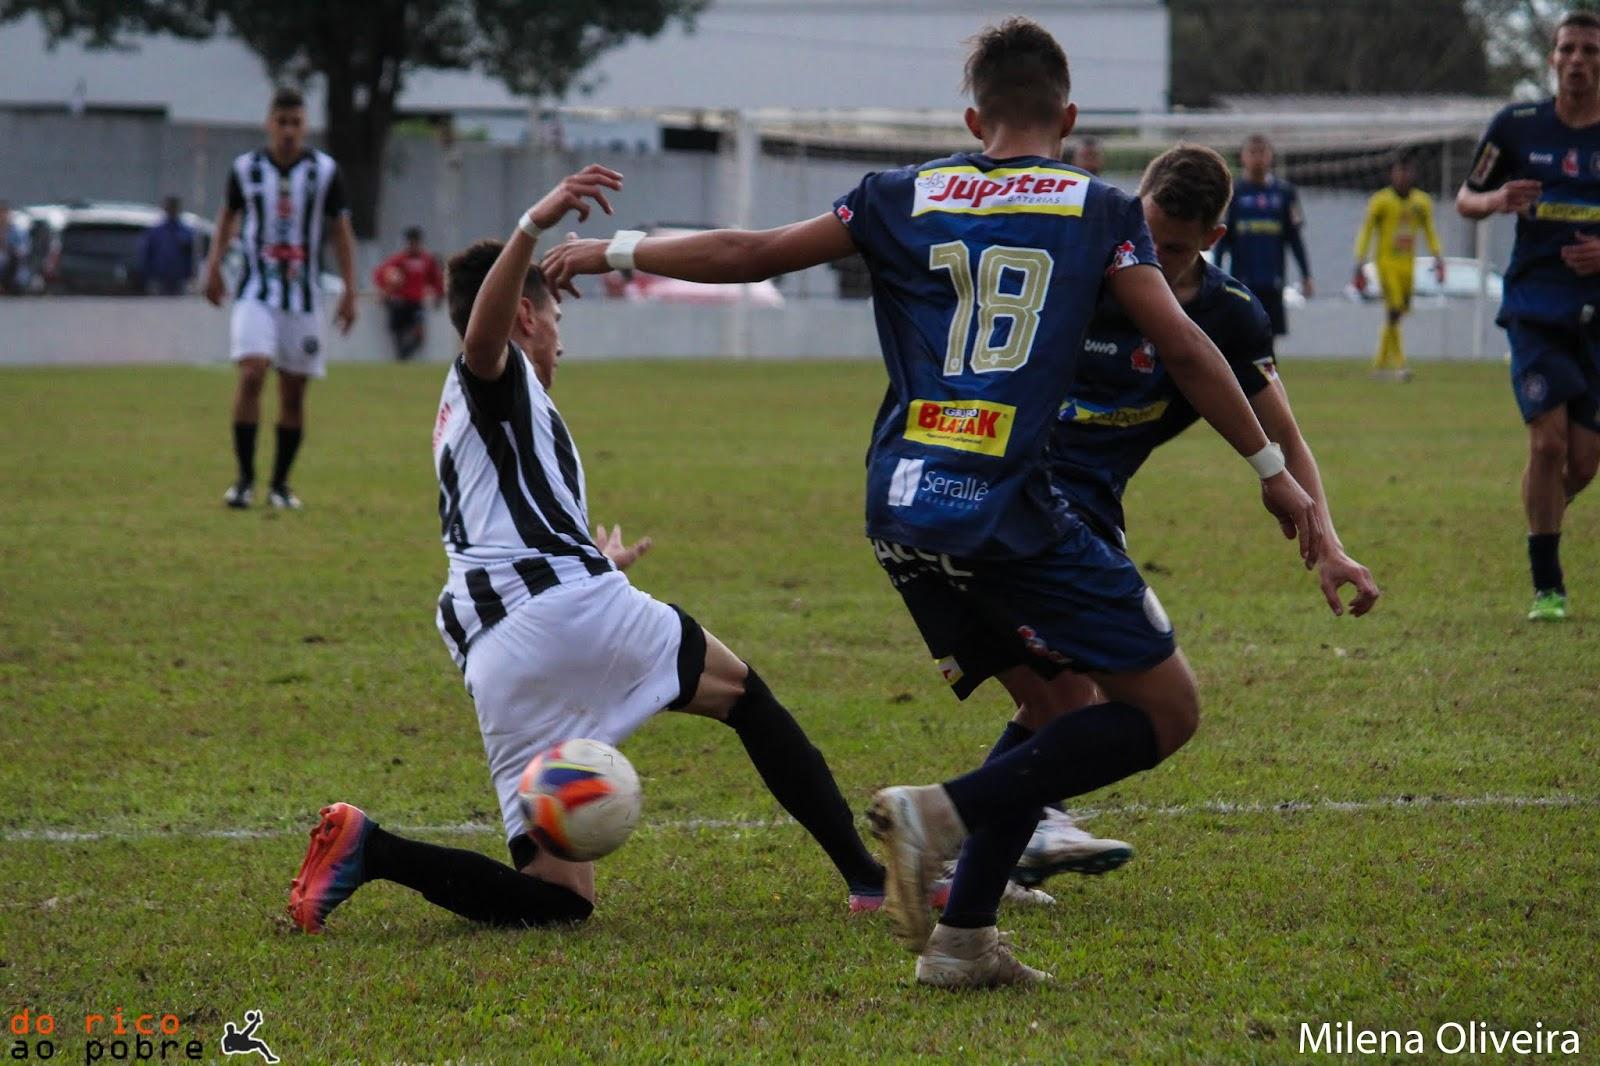 60038a9c74 Operário e Cianorte se enfrentaram na tarde desta sexta-feira (24) no  Estádio Miró de Freitas